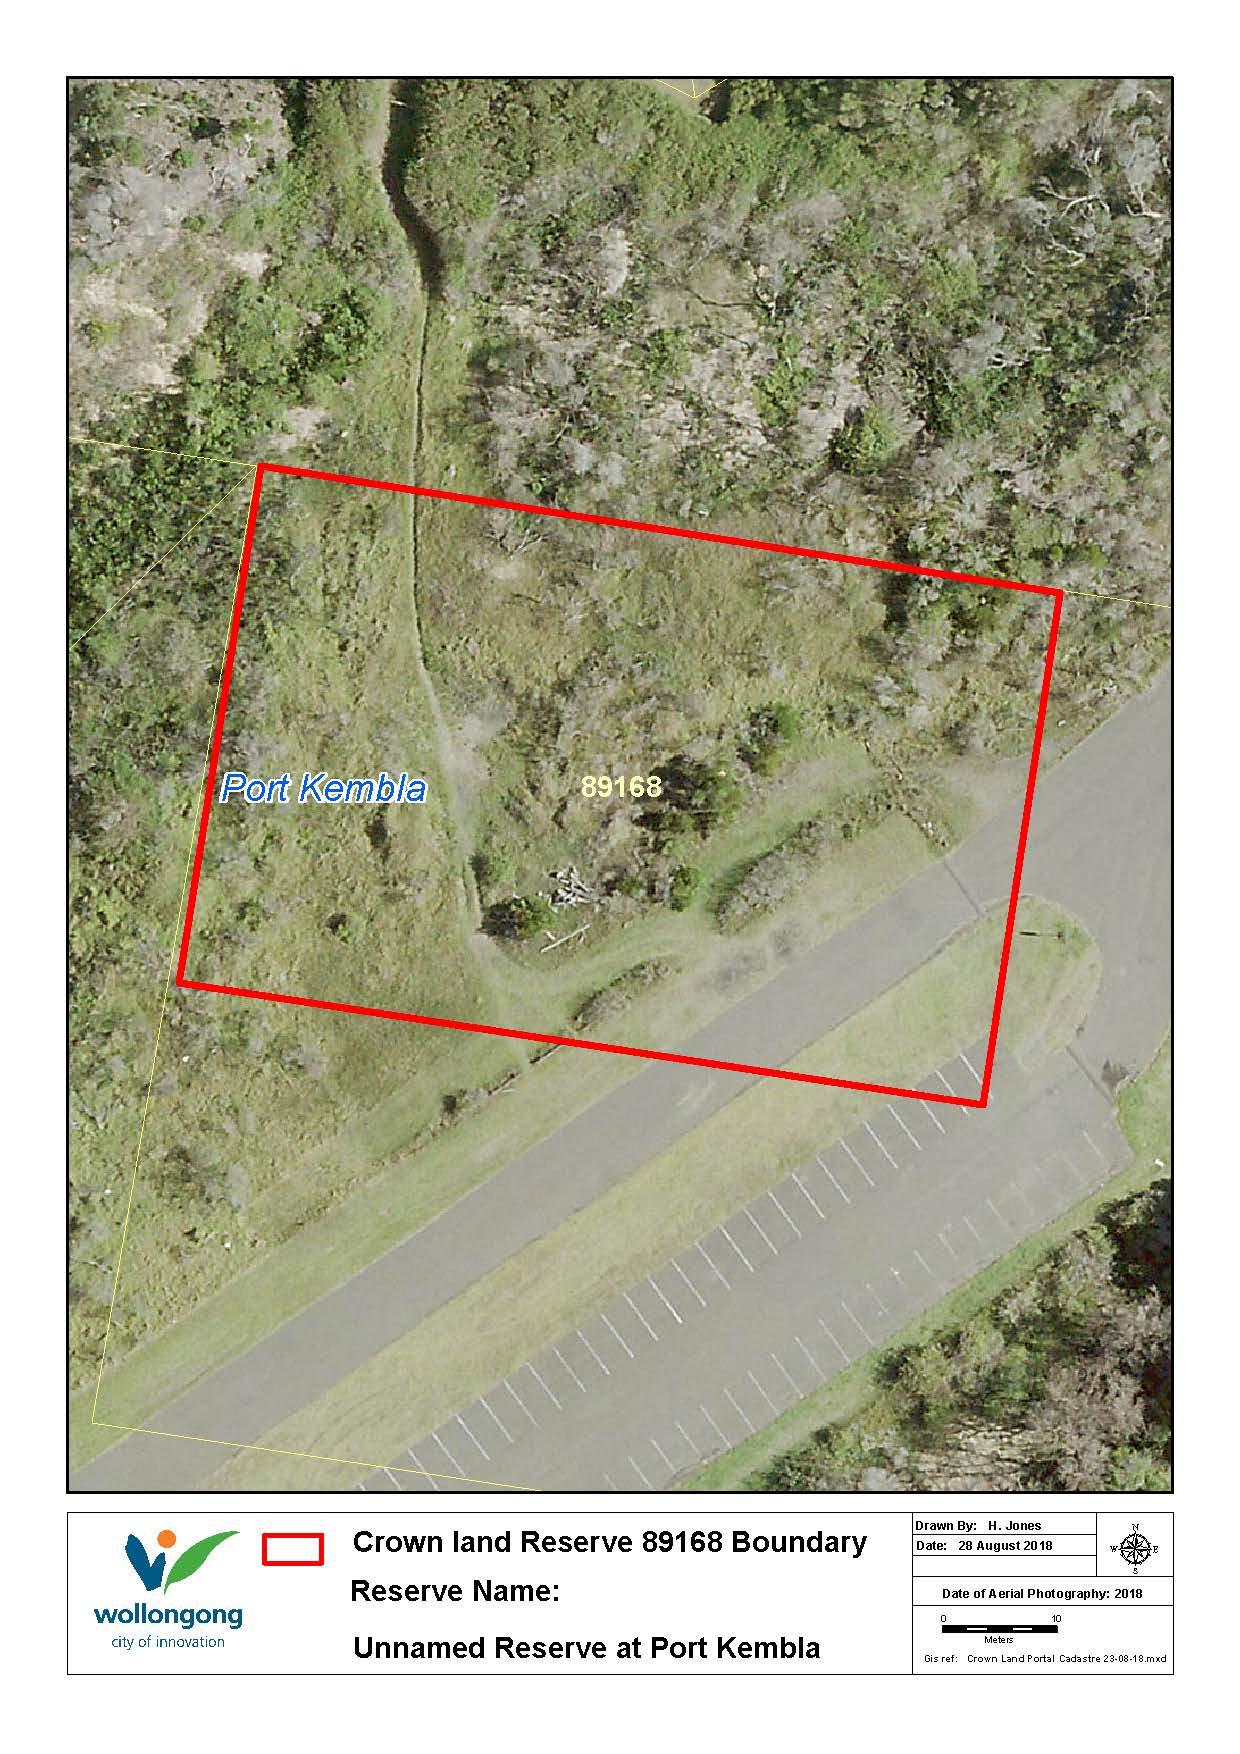 Unnamed reserve 89168 at port kembla map z19 91108